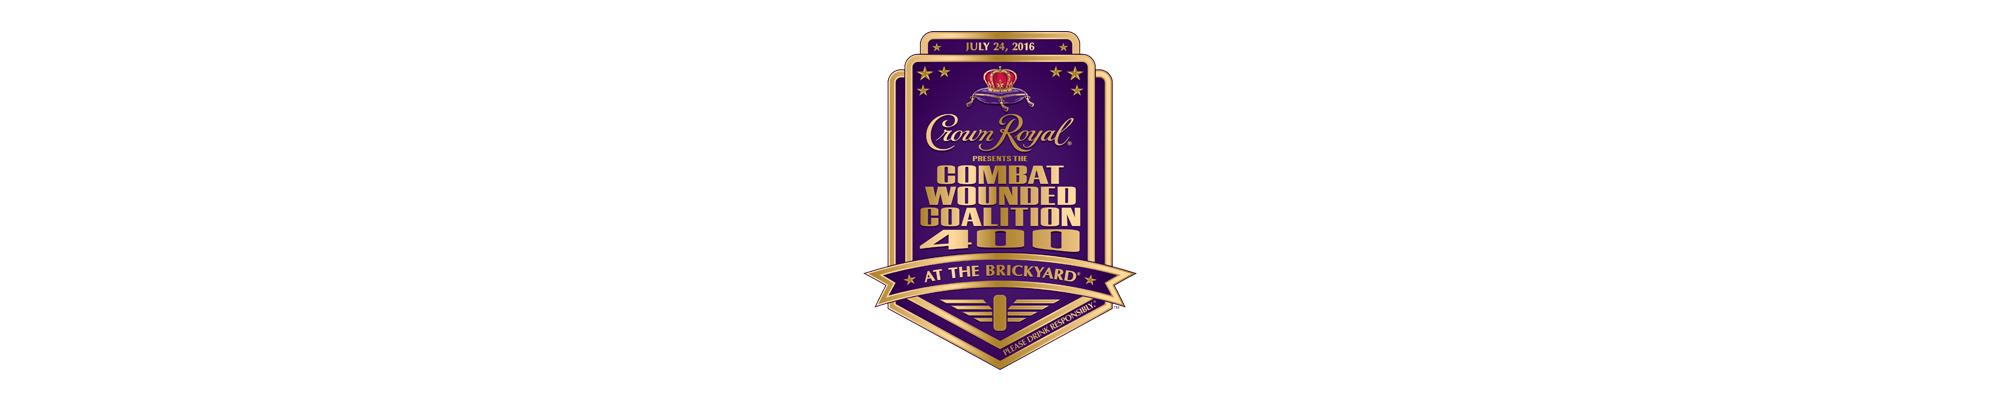 header-crown-royal-race-winner2016.jpg